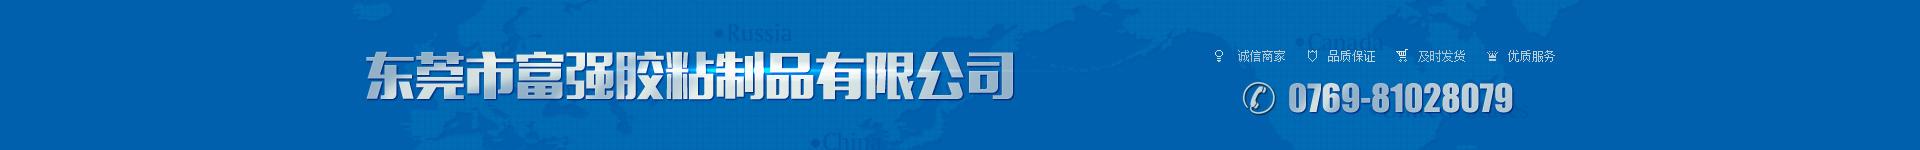 東莞市富強膠粘製品有限公司